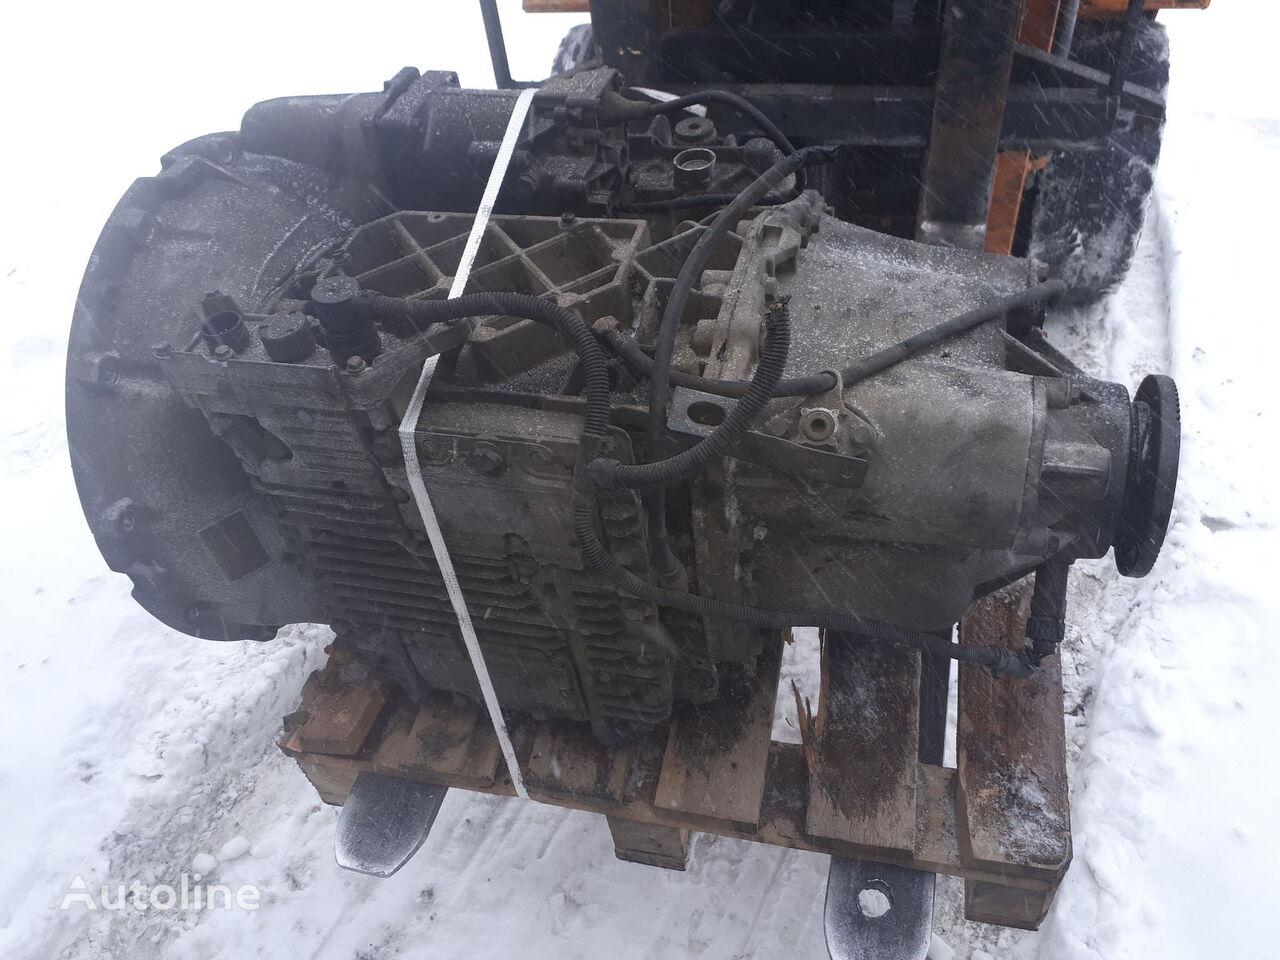 käigukast VOLVO VT 2412B tüübi jaoks veduki VOLVO FH12